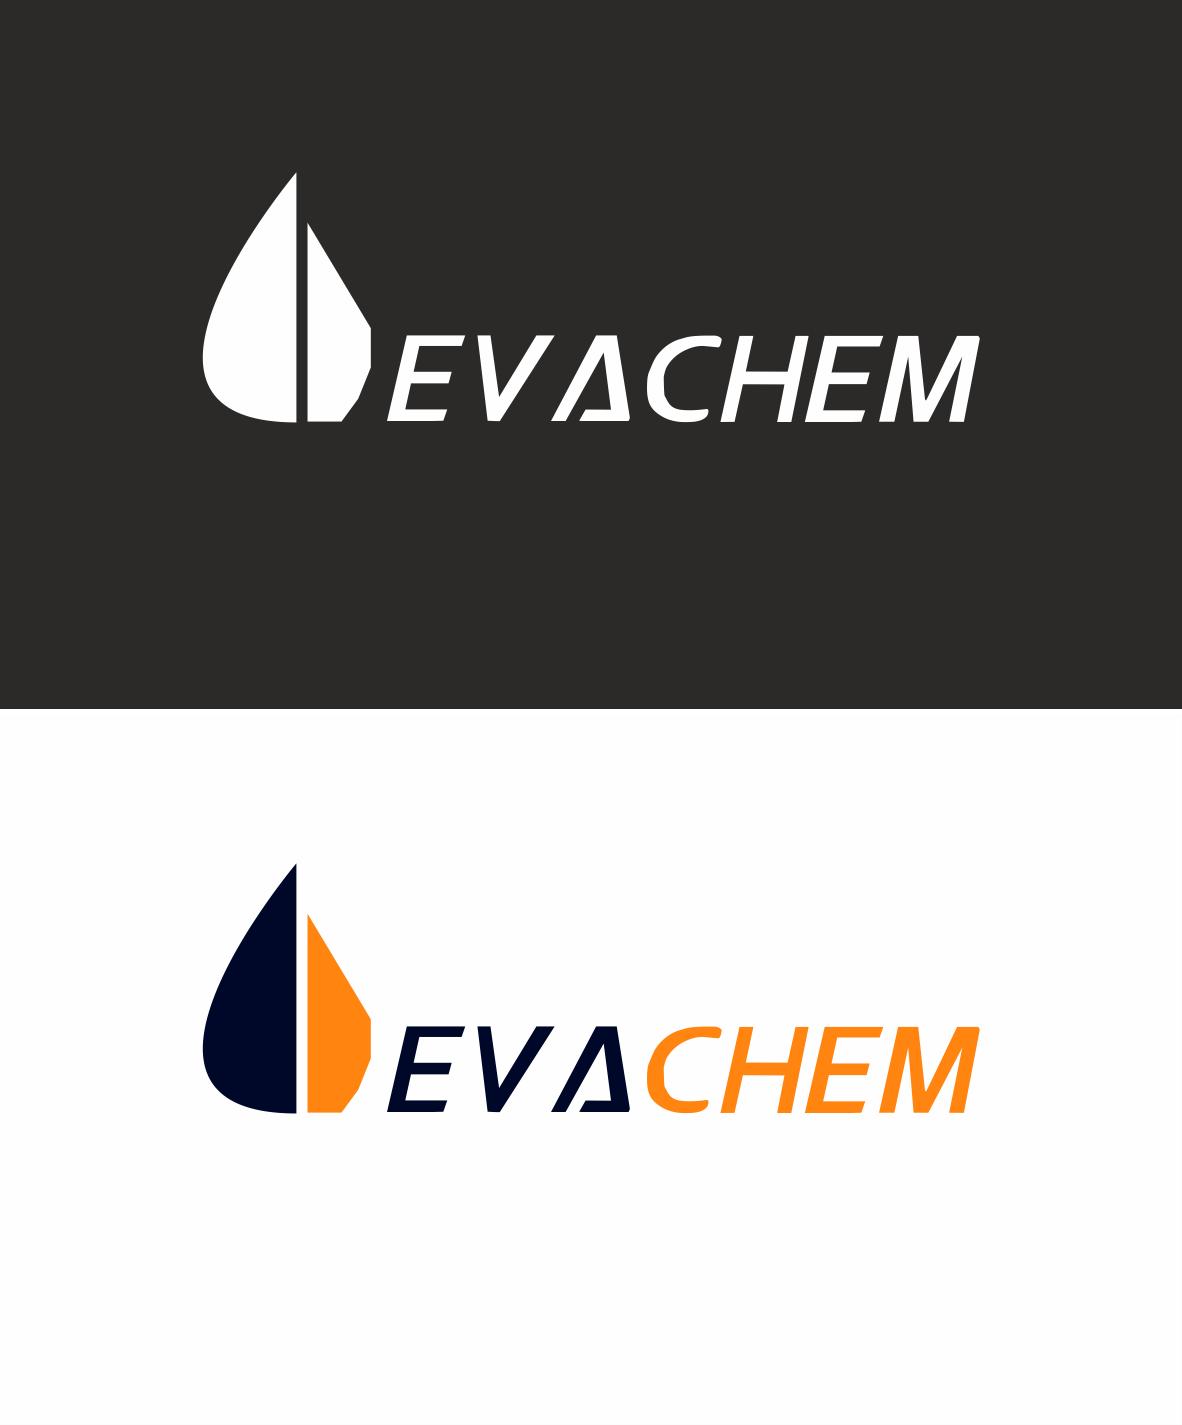 Разработка логотипа и фирменного стиля компании фото f_1245729d86c18643.png